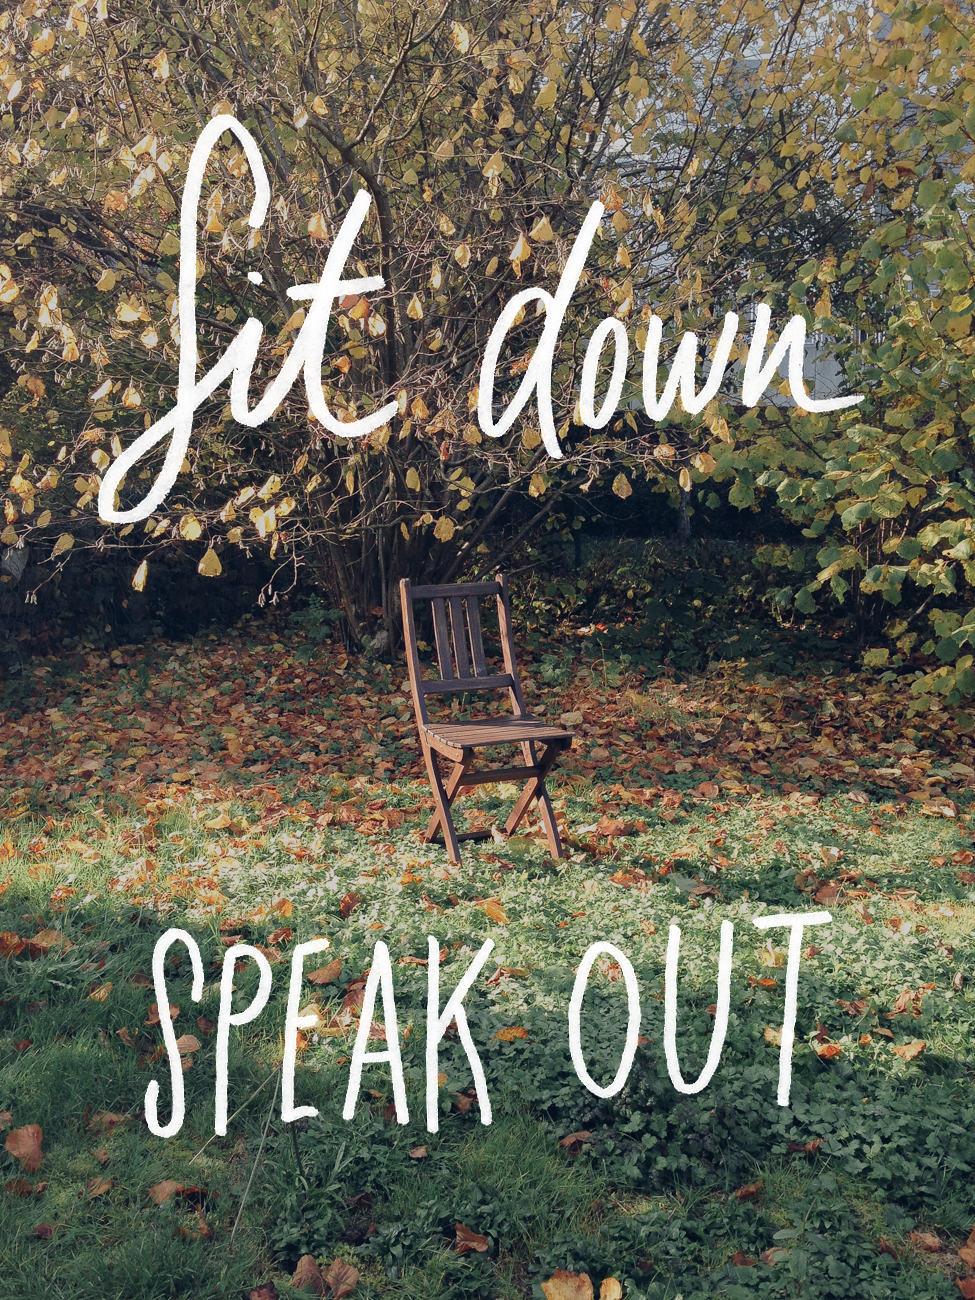 sitdownspeakout